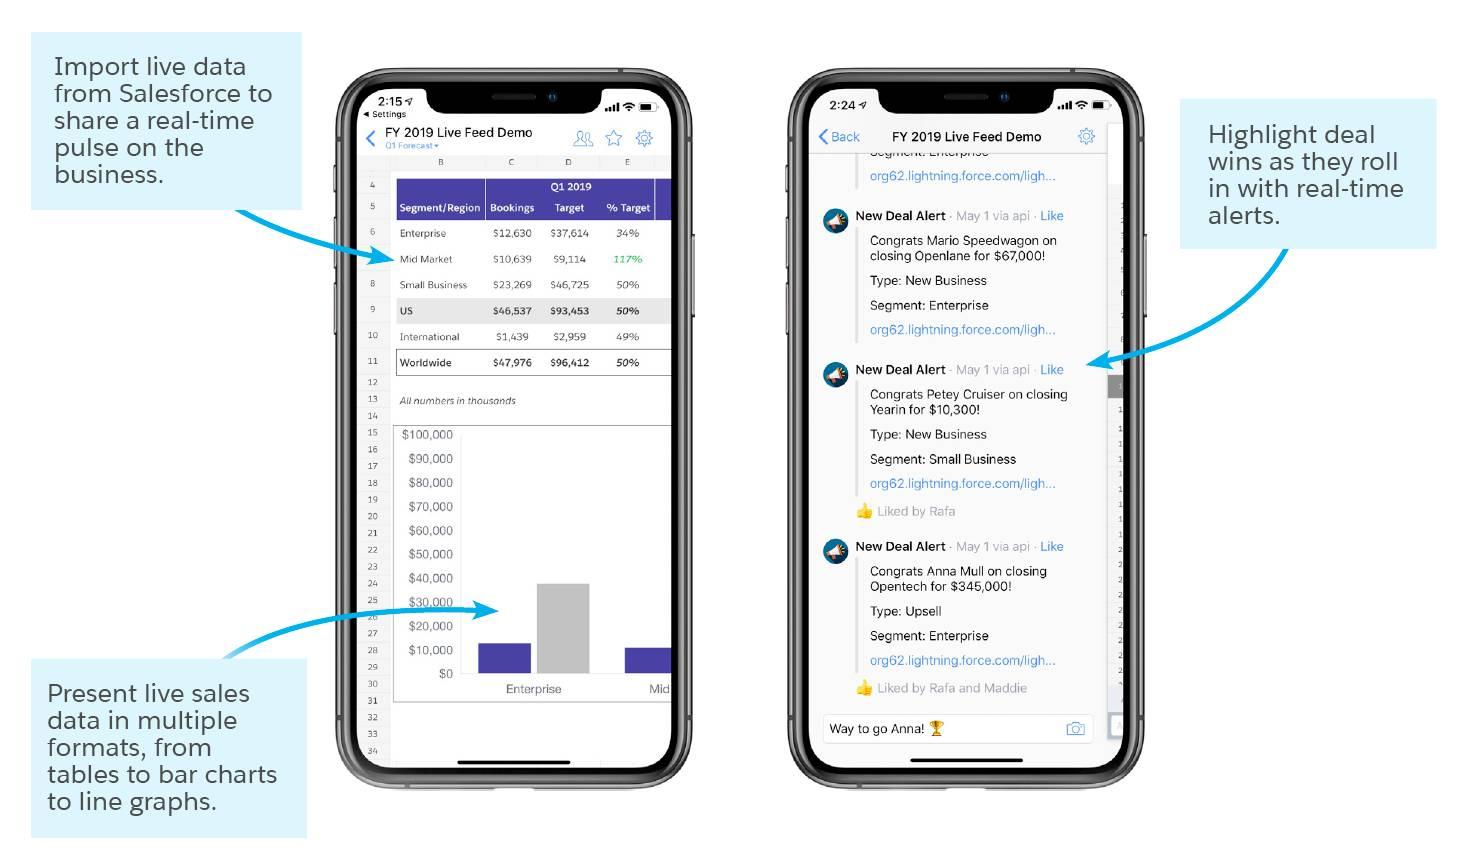 Deux téléphones mobiles montrant la possibilité d'importer des données en temps réel depuis Salesforce, de présenter des données de vente en temps réel dans plusieurs formats et de mettre en évidence les affaires conclues au fur et à mesure avec des alertes en temps réel.